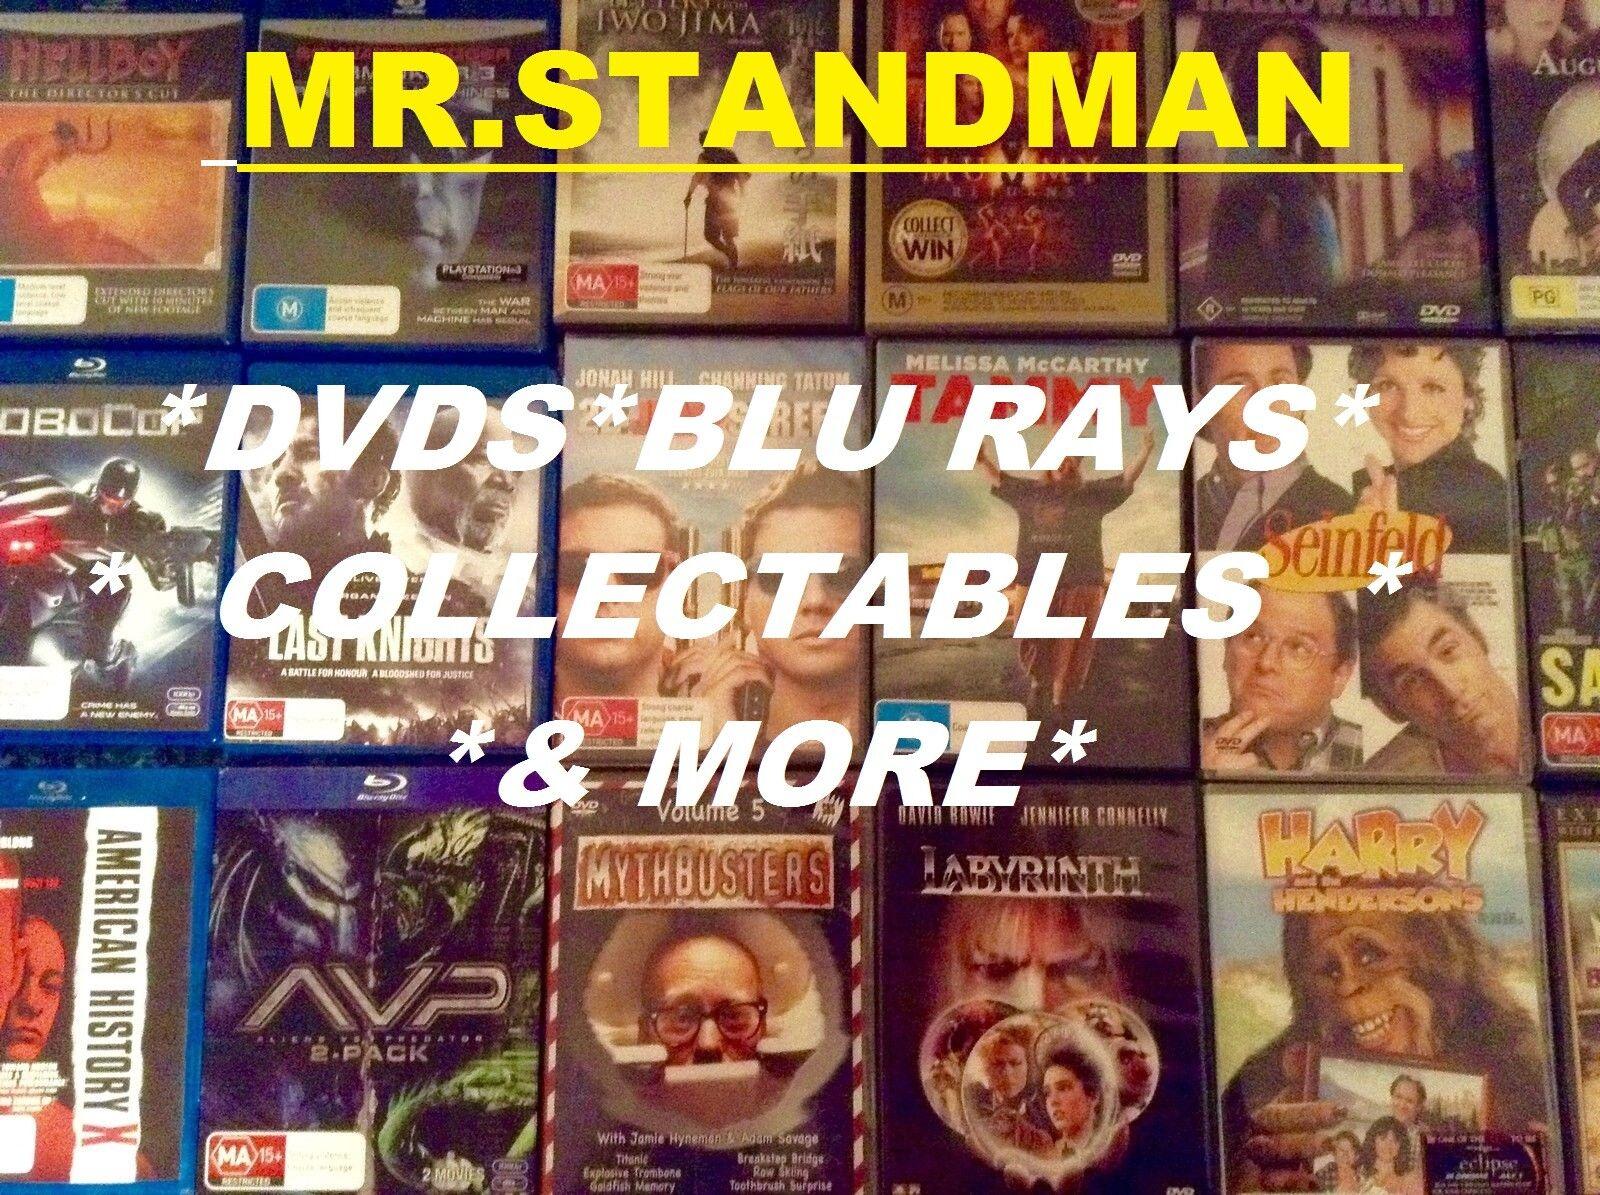 MR. STANDMAN dvd's & action figures